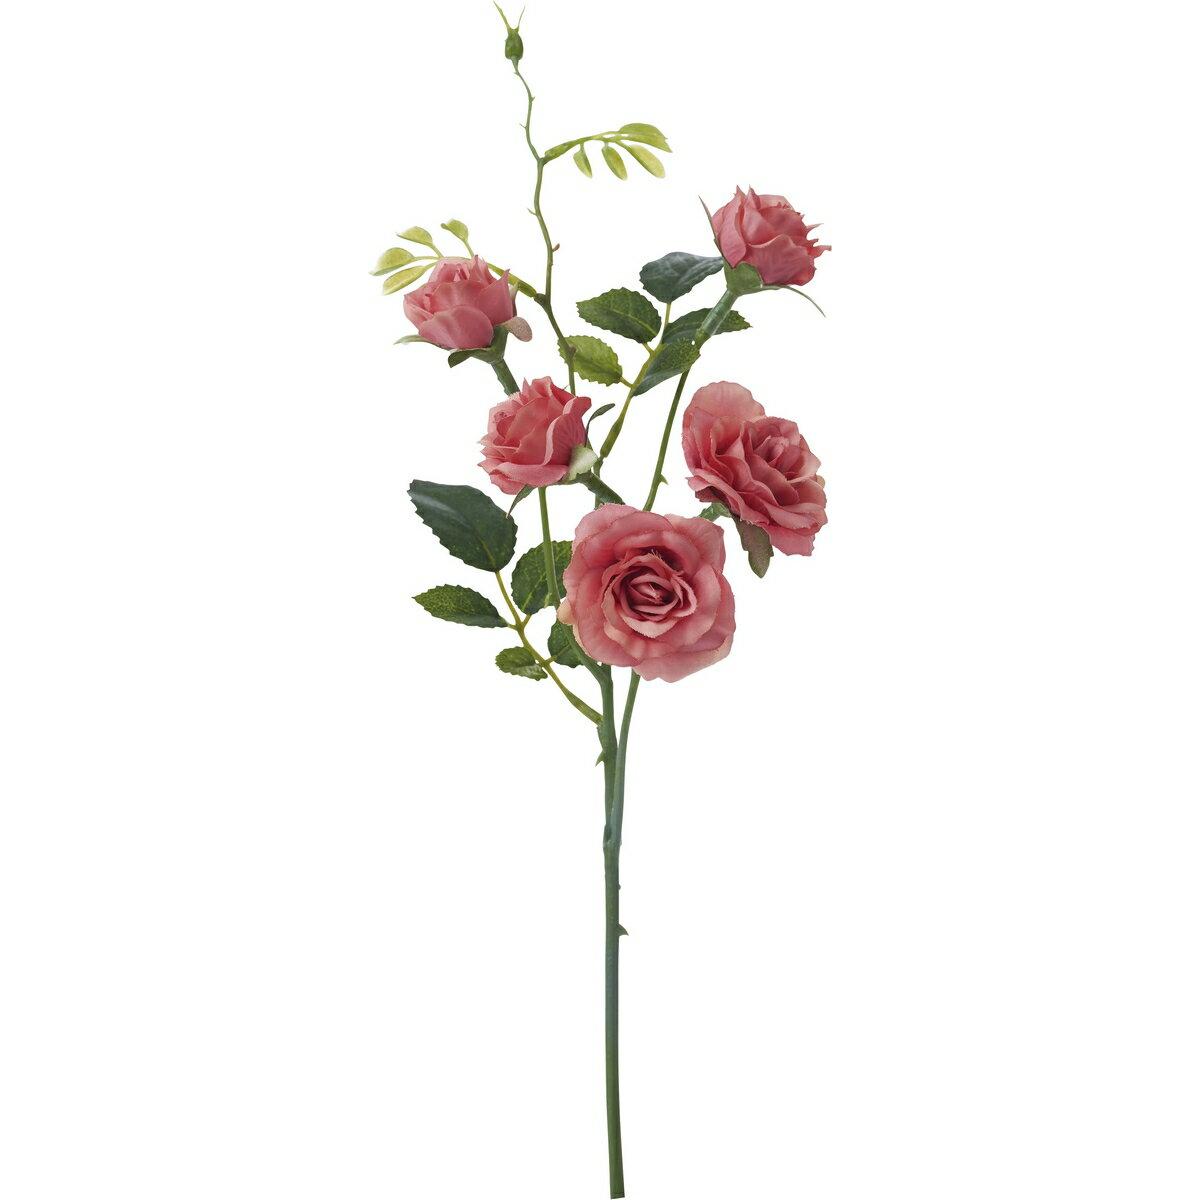 即日★【造花】YDM/スウィートローズ ピンクグリーン/FFH-0023-P/G《 造花(アーティフィシャルフラワー) 造花 花材「は行」 バラ 》